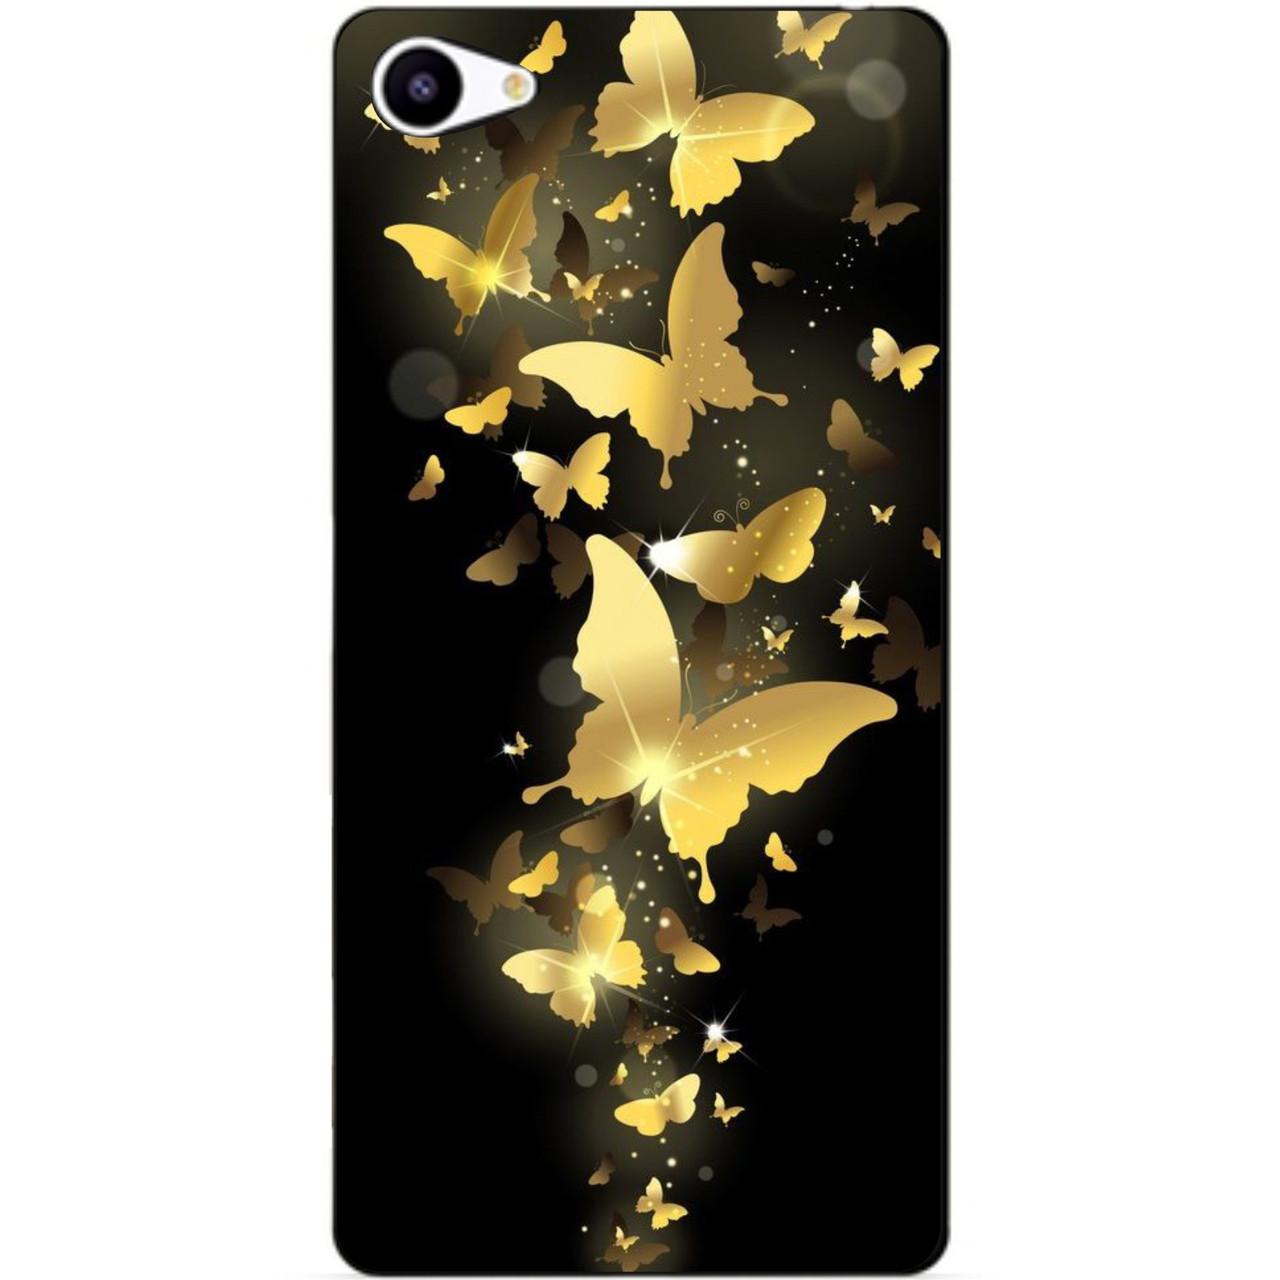 Чехол силиконовый бампер для Meizu U10 с рисунком Золотая бабочка